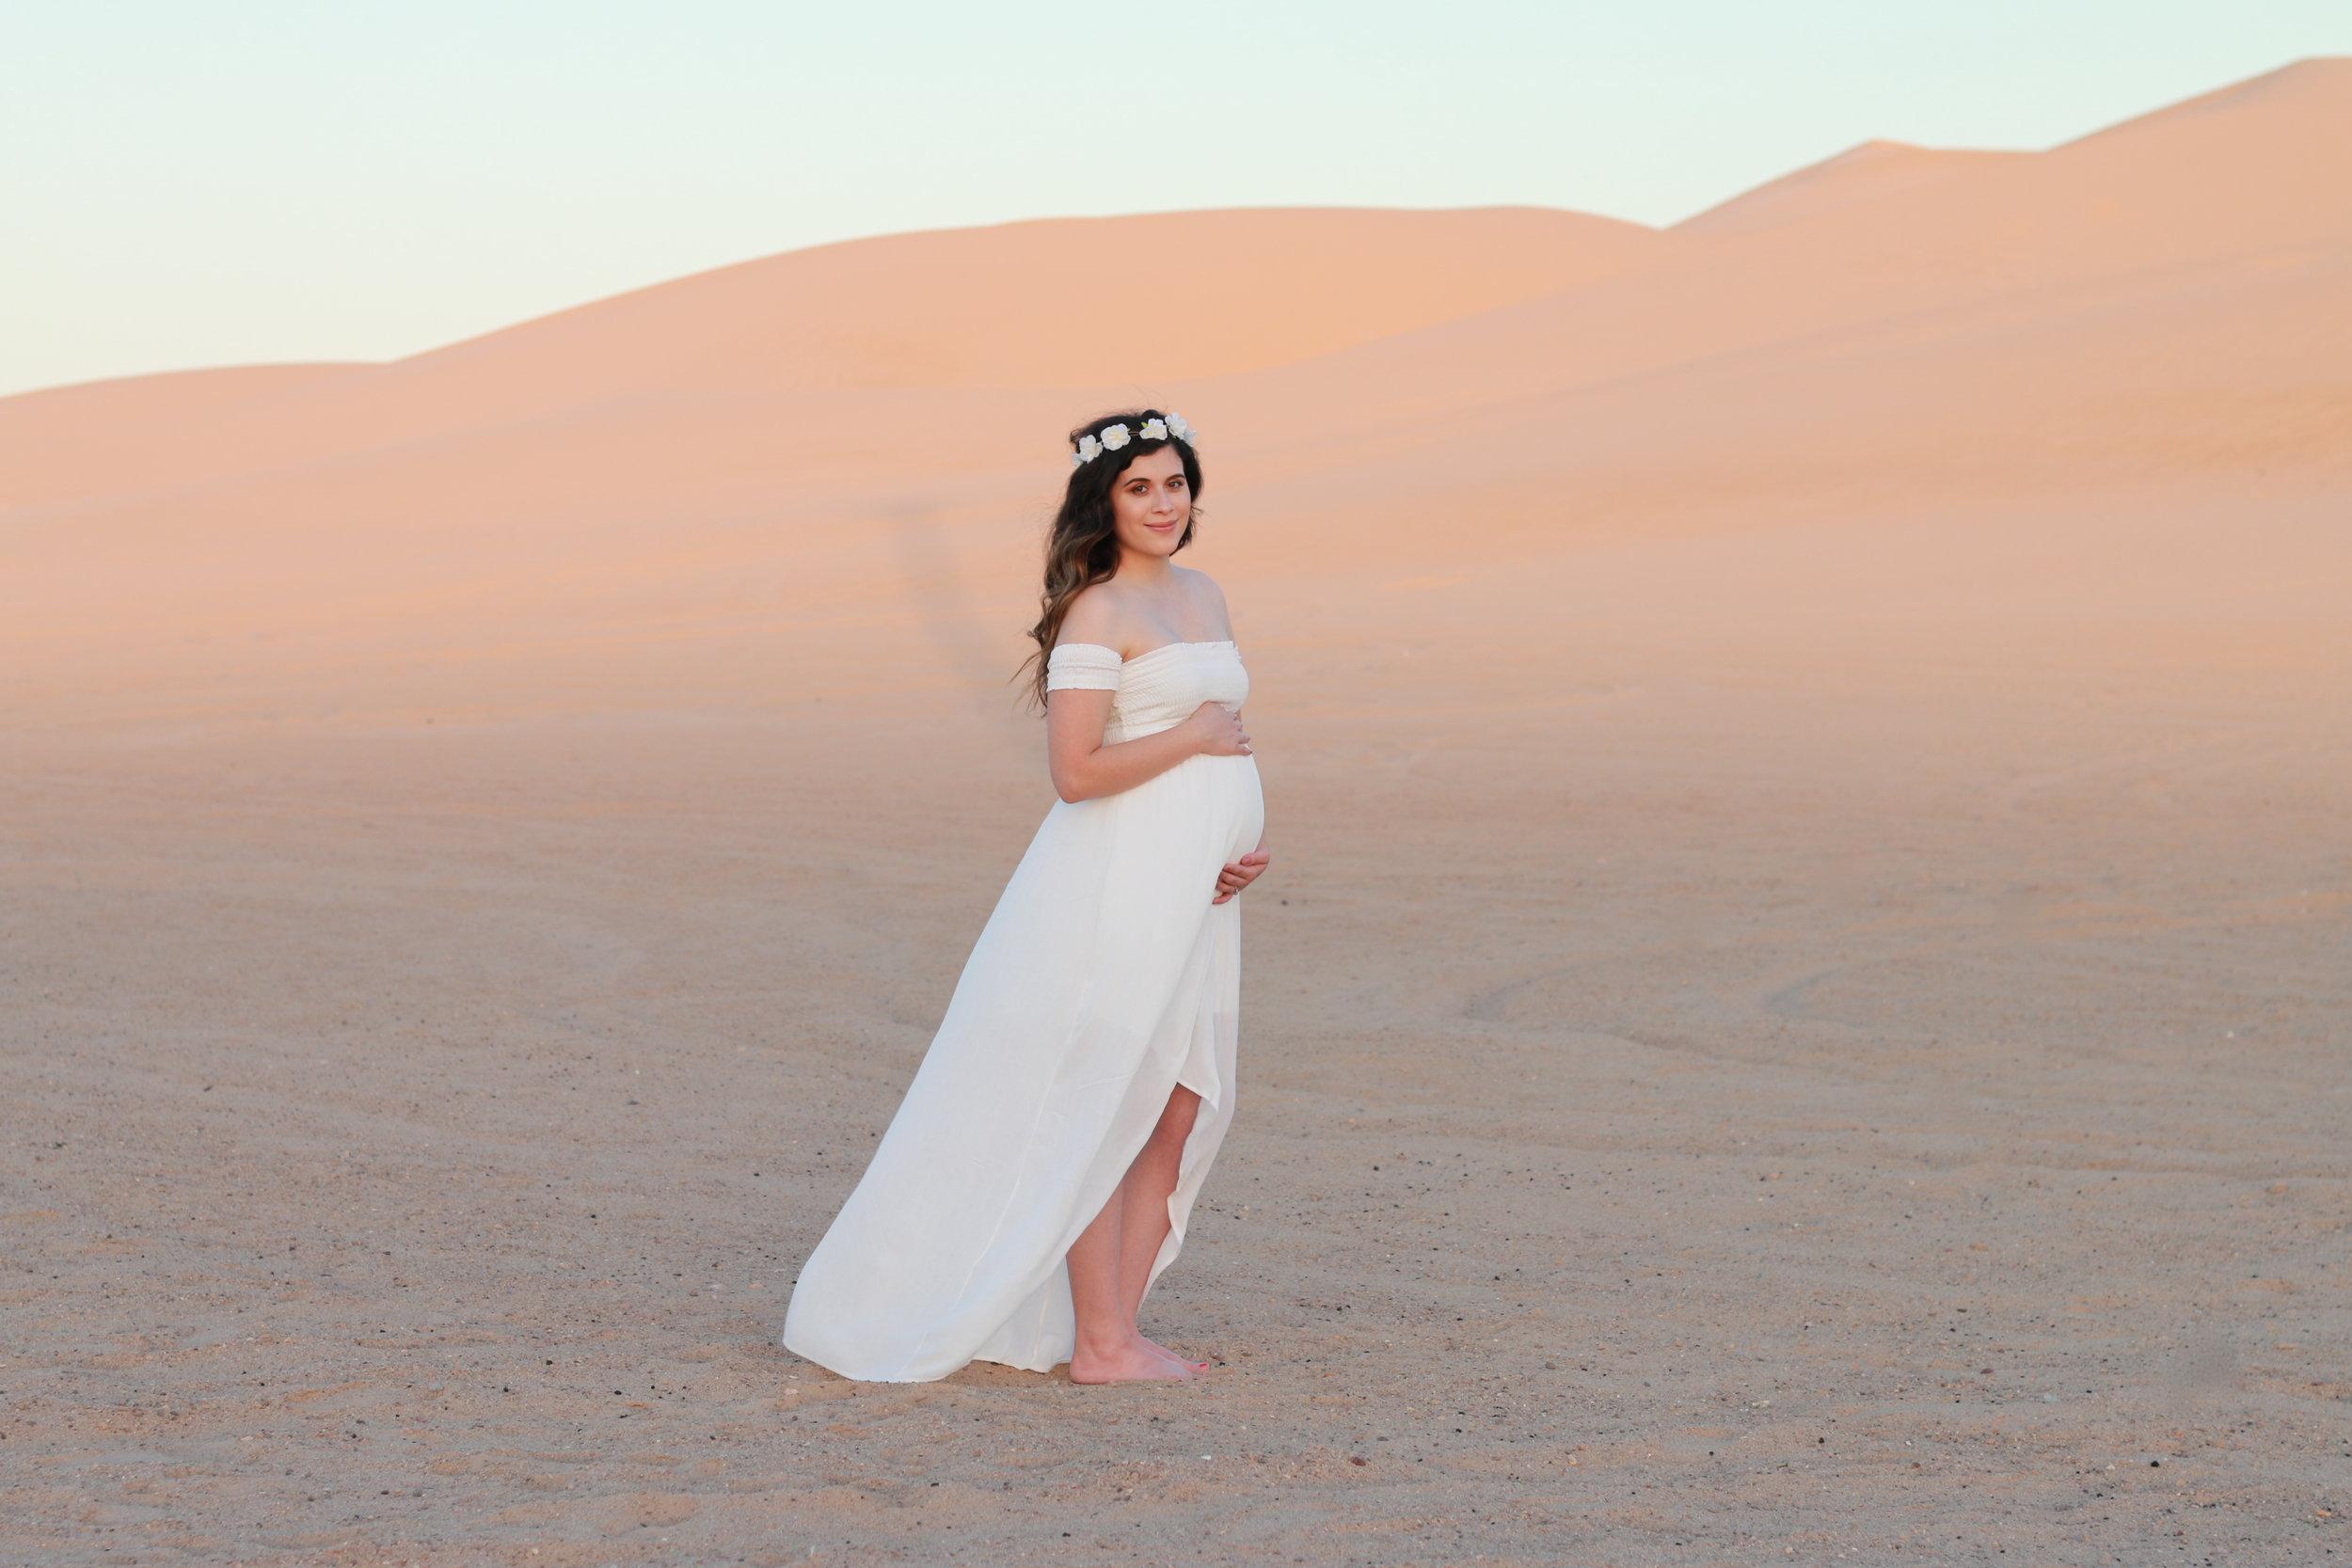 Anthony-and-Stork-Desert-Maternity-Shoot_2664.JPG